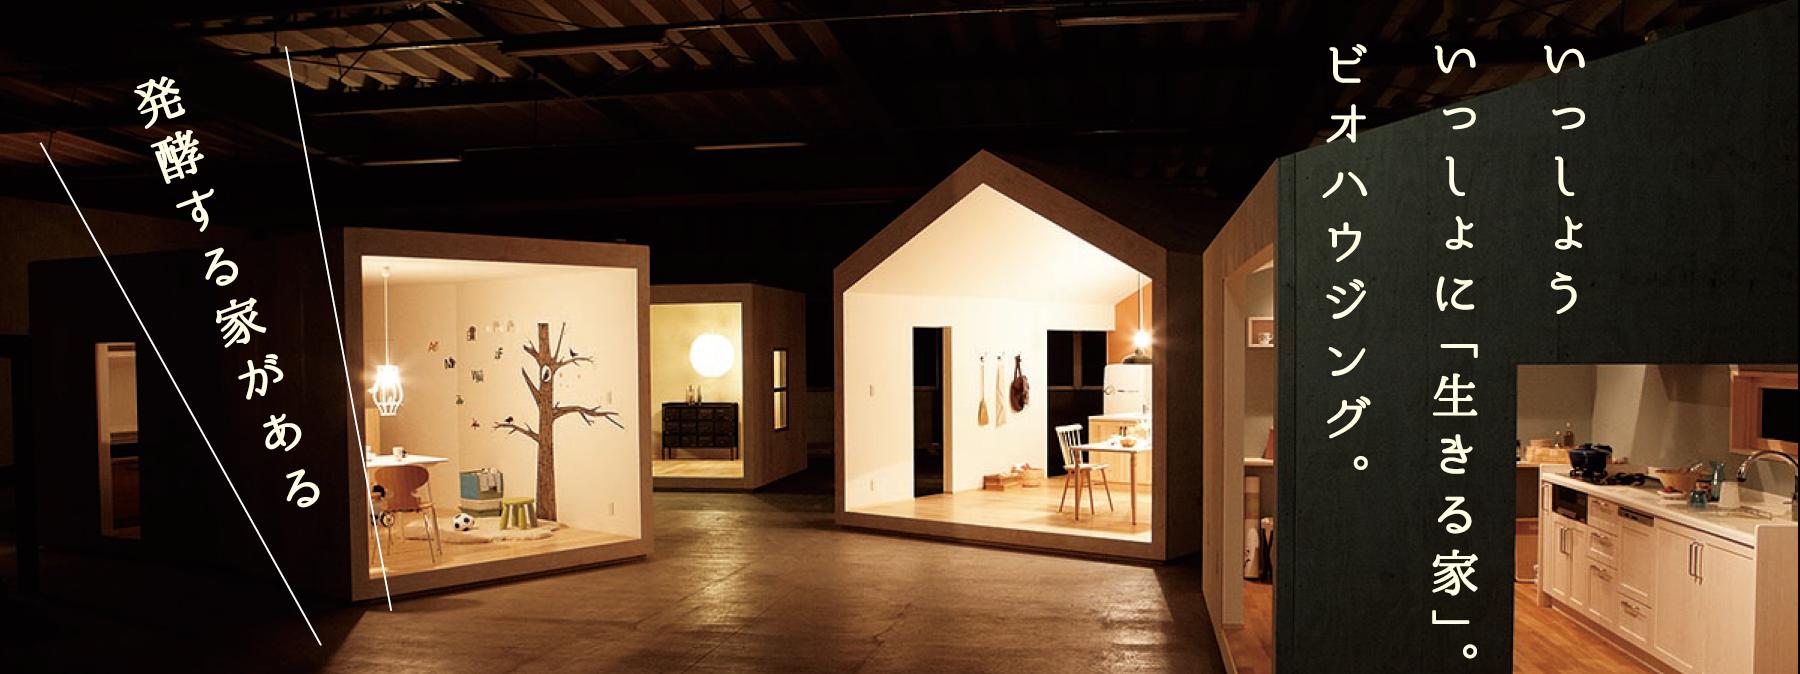 タケモリ一級建築設計事務所 | ビオハウジング | 化学物質過敏症・アレルギー・シックハウスを改善する健康住宅のお問い合わせメインイメージ